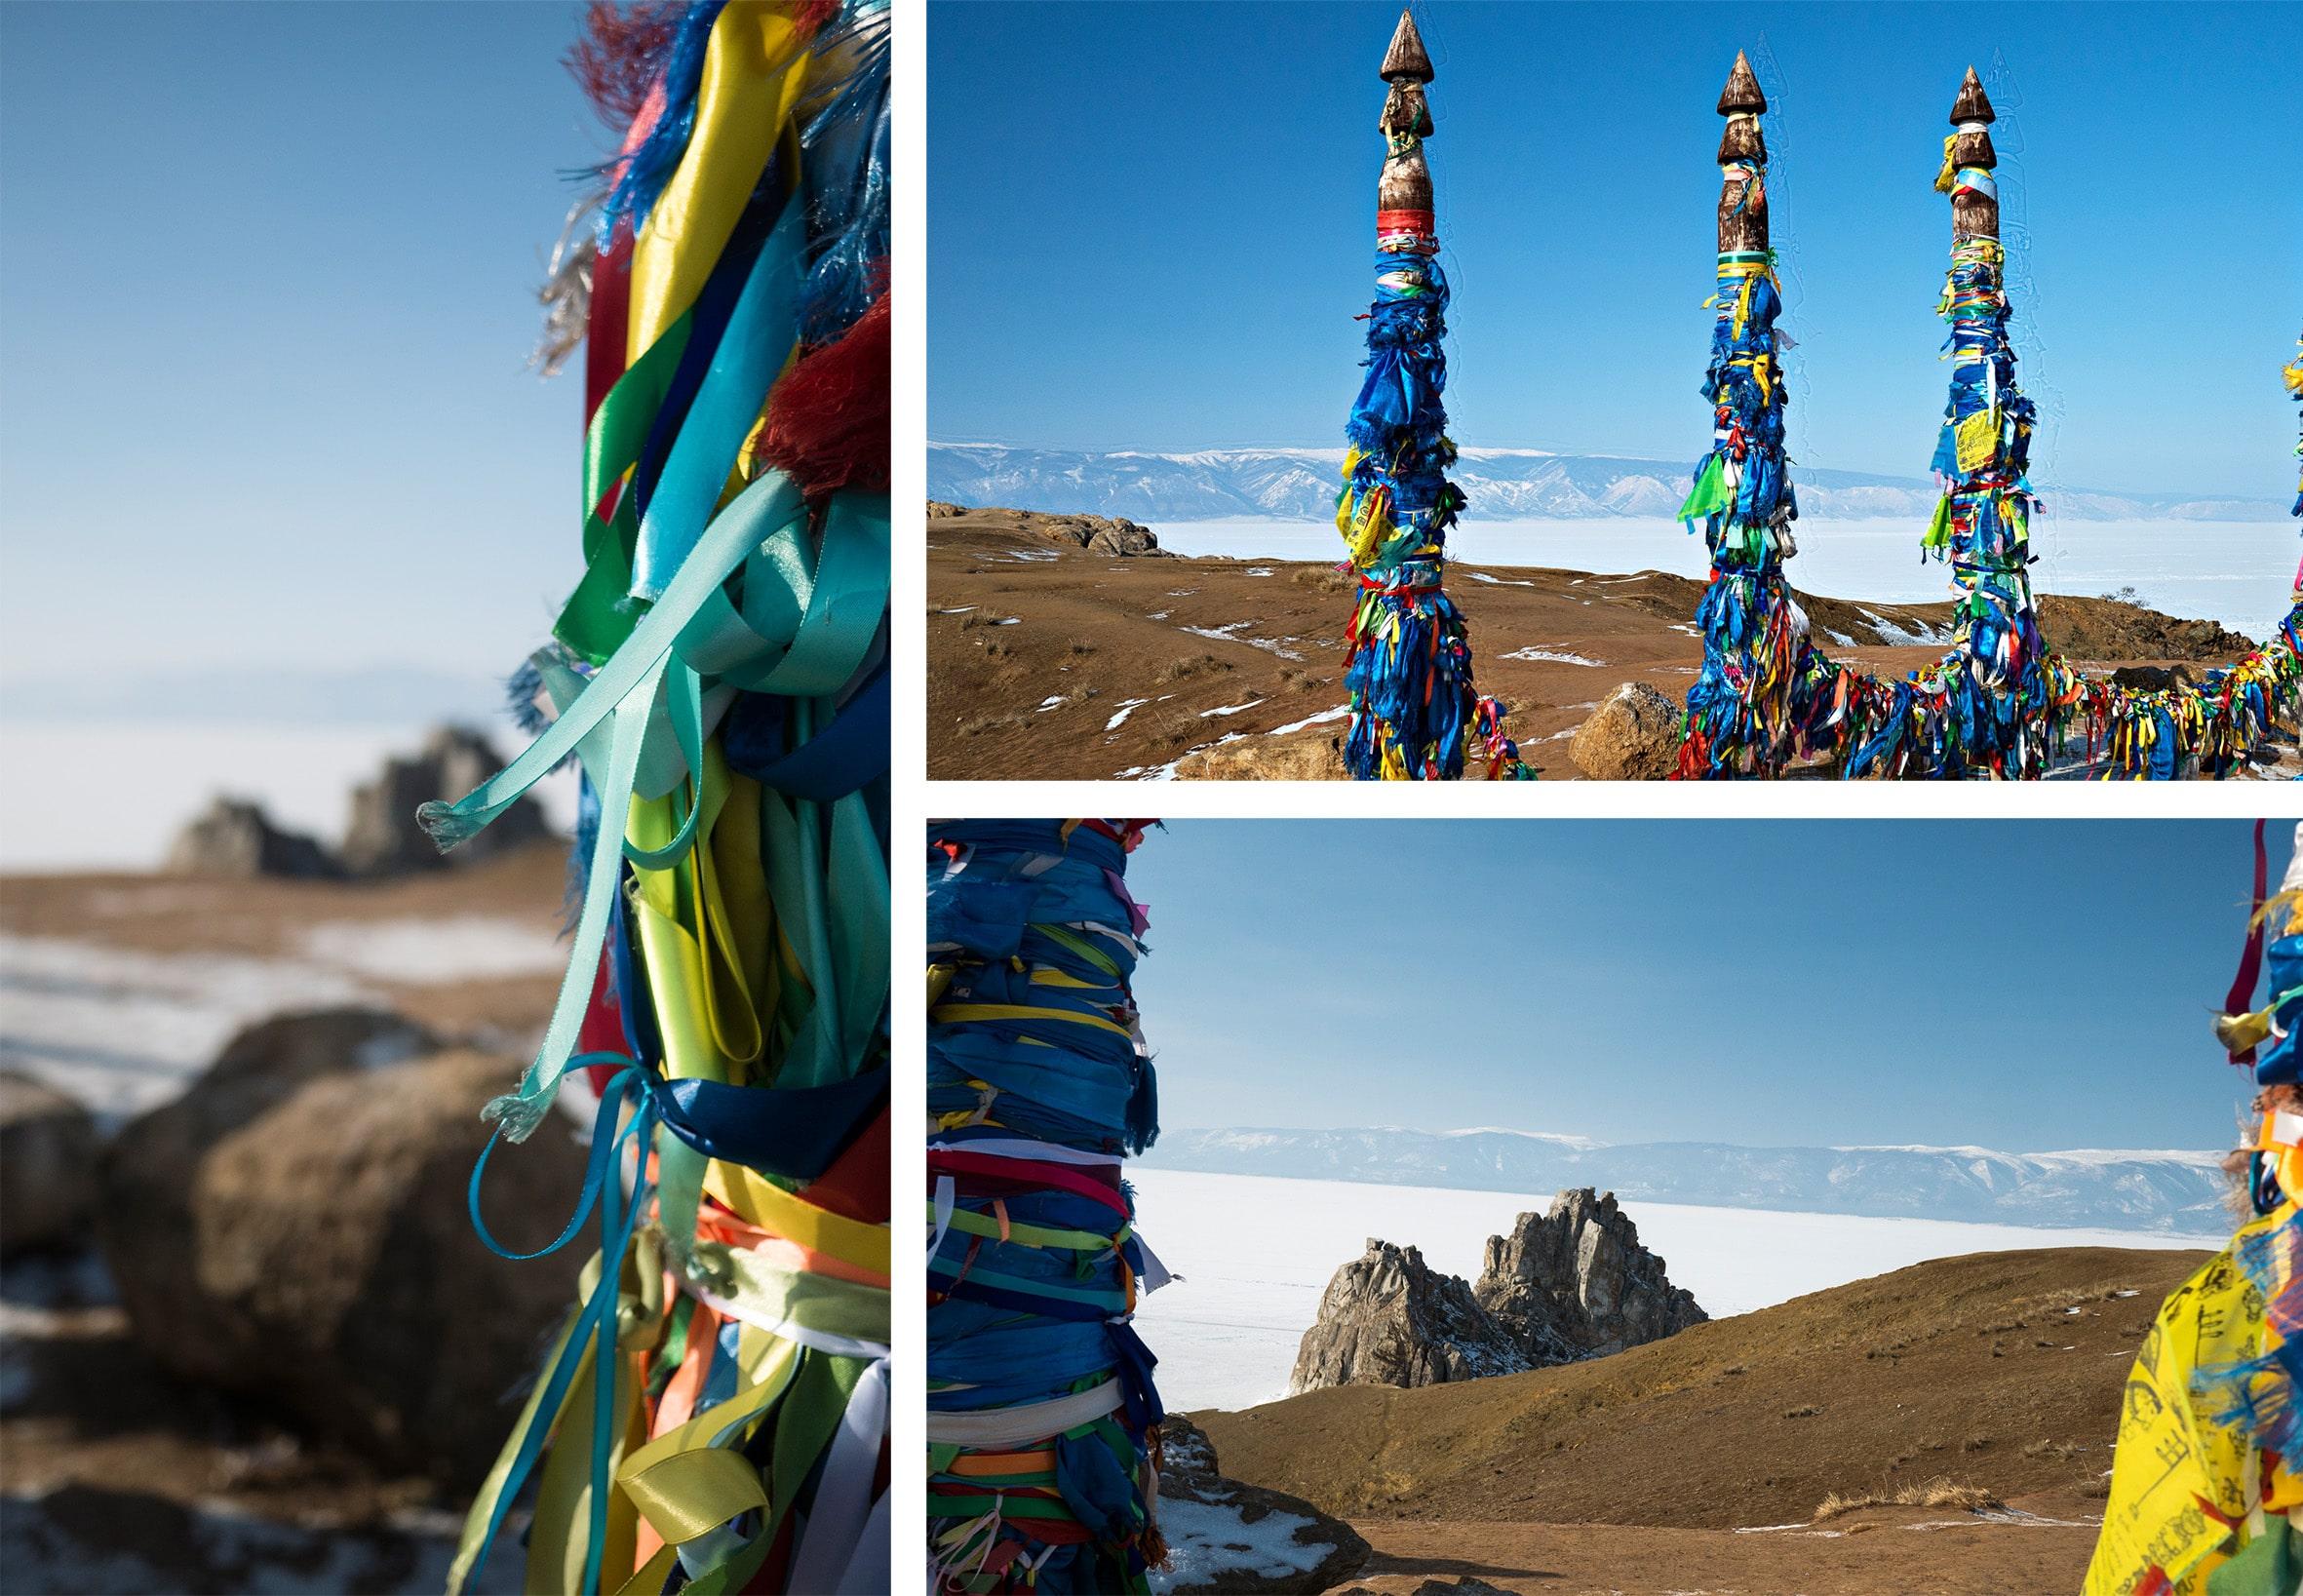 lac Baïkal Sibérie rubans couleurs neige